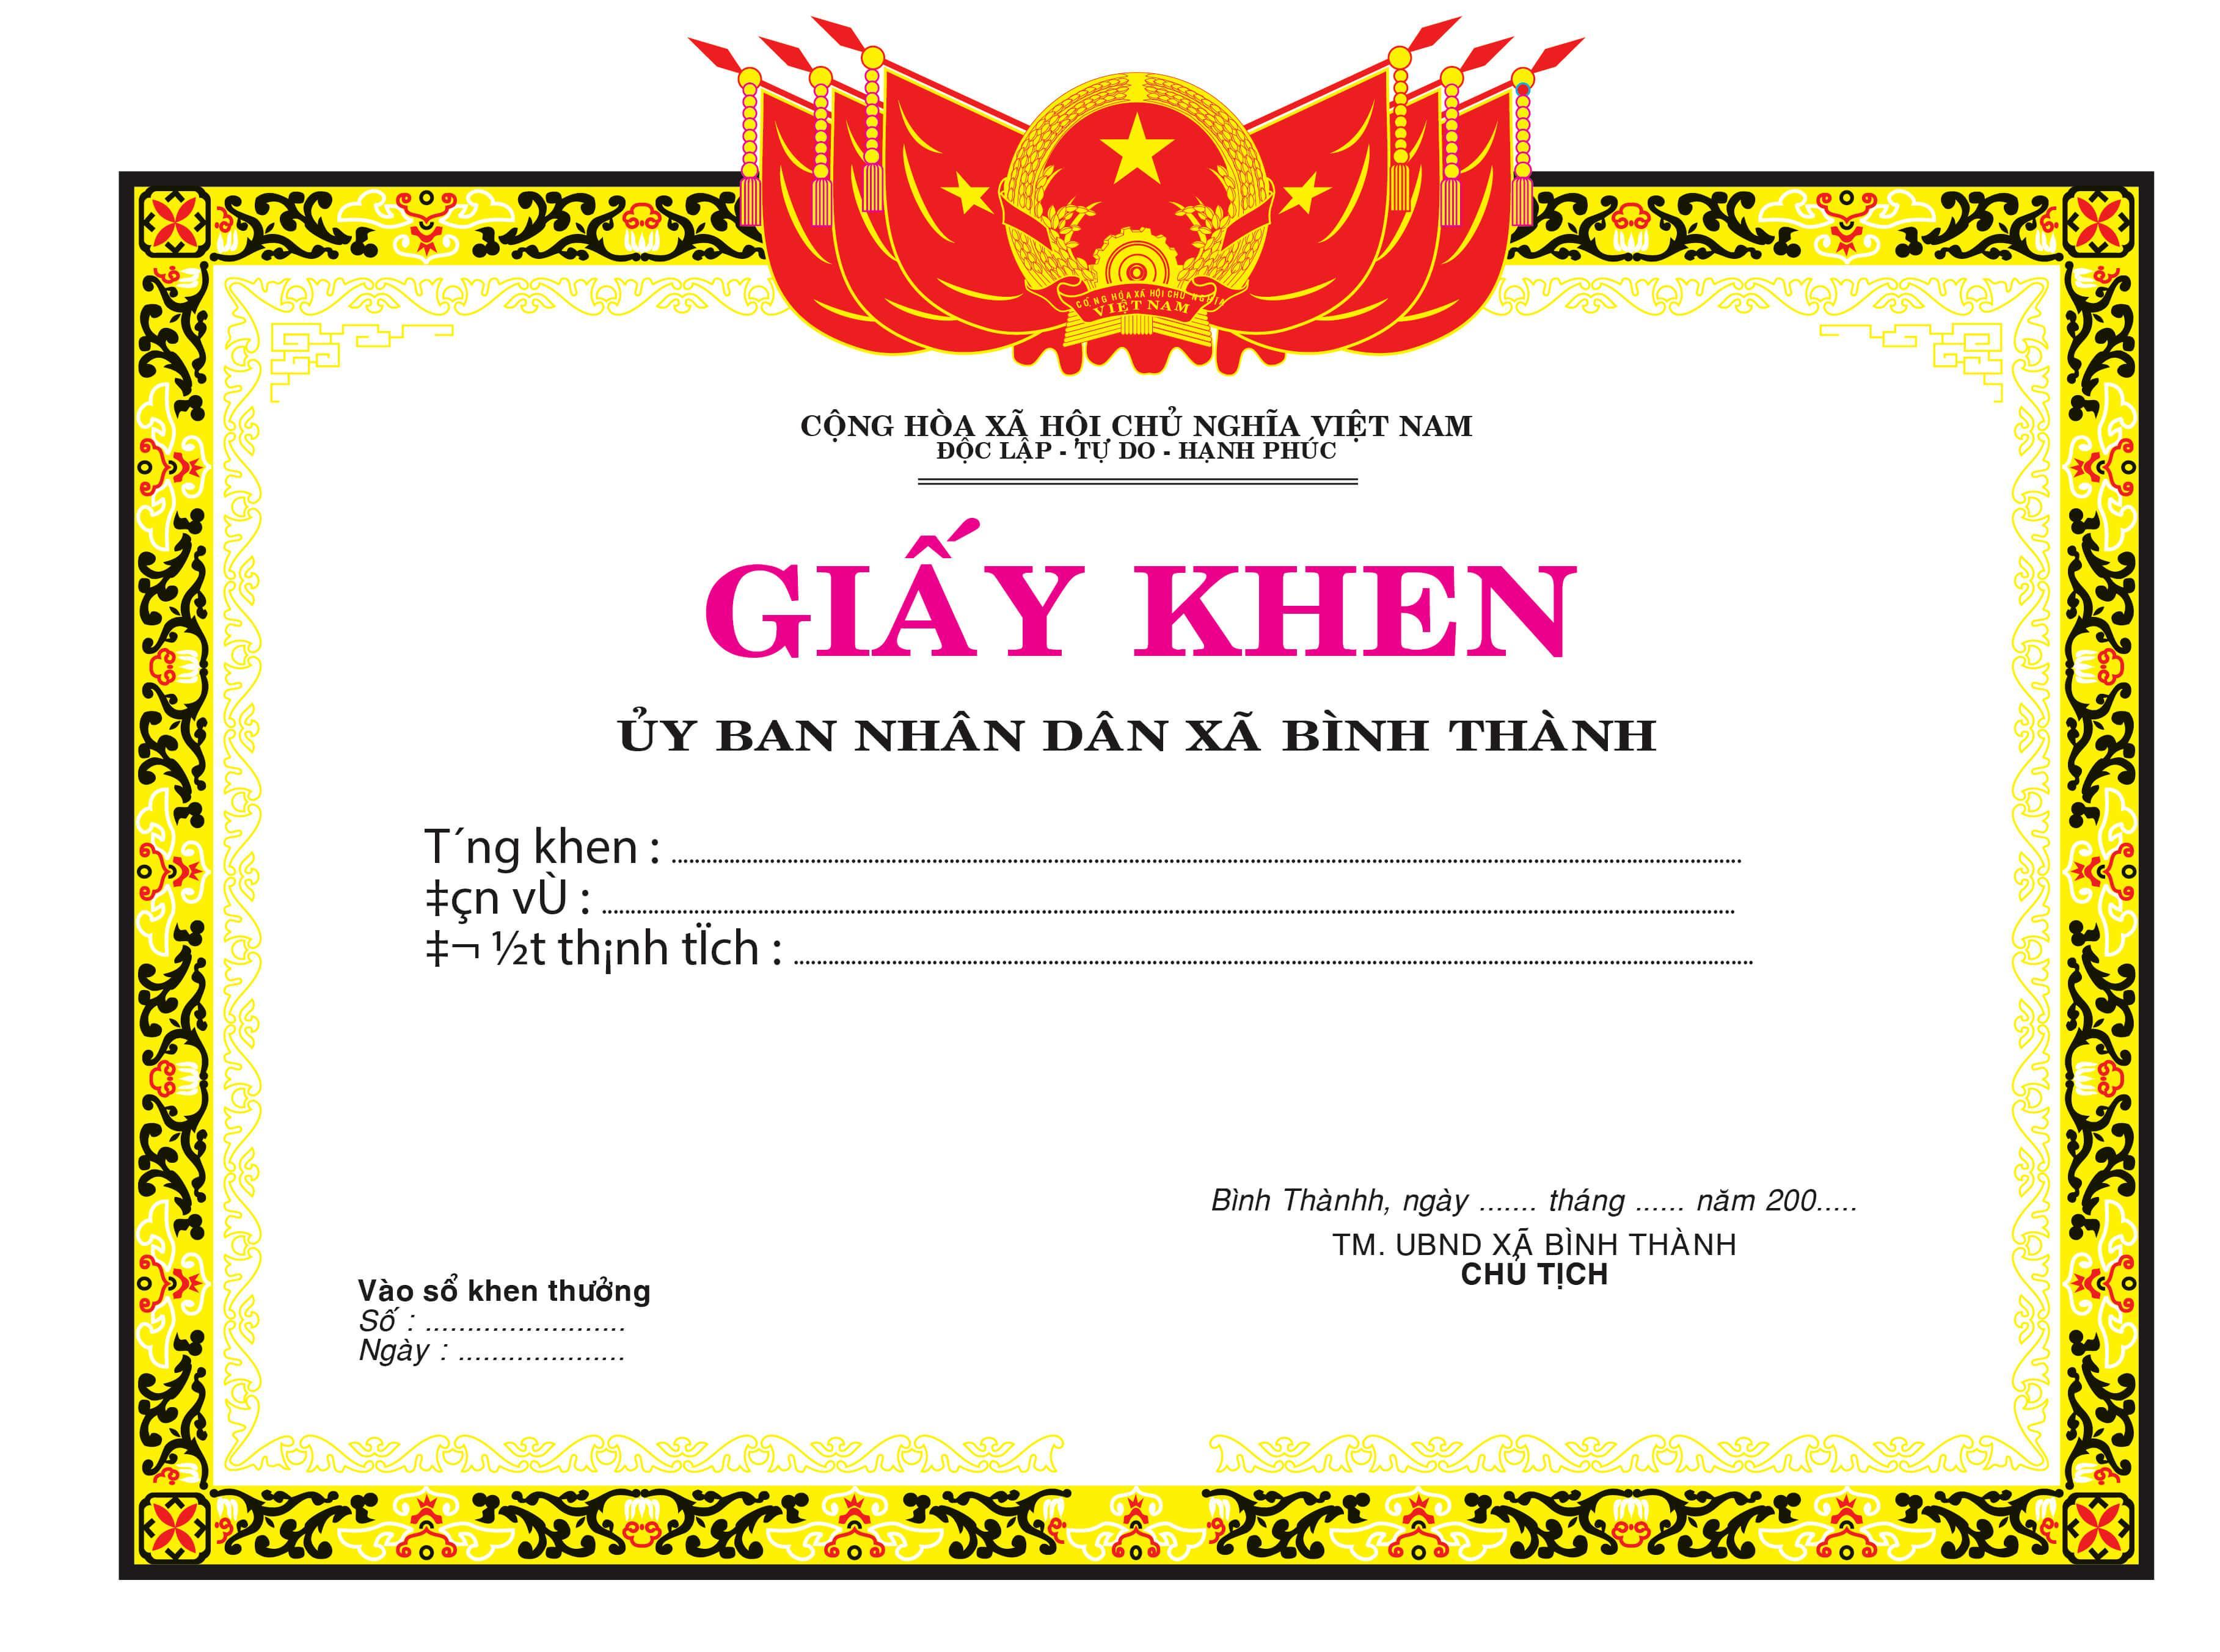 Mẫu giấy khen 053 - Mẫu giấy khen ủy ban nhân dân xã - link download : https://adsnew.net/R7E5S